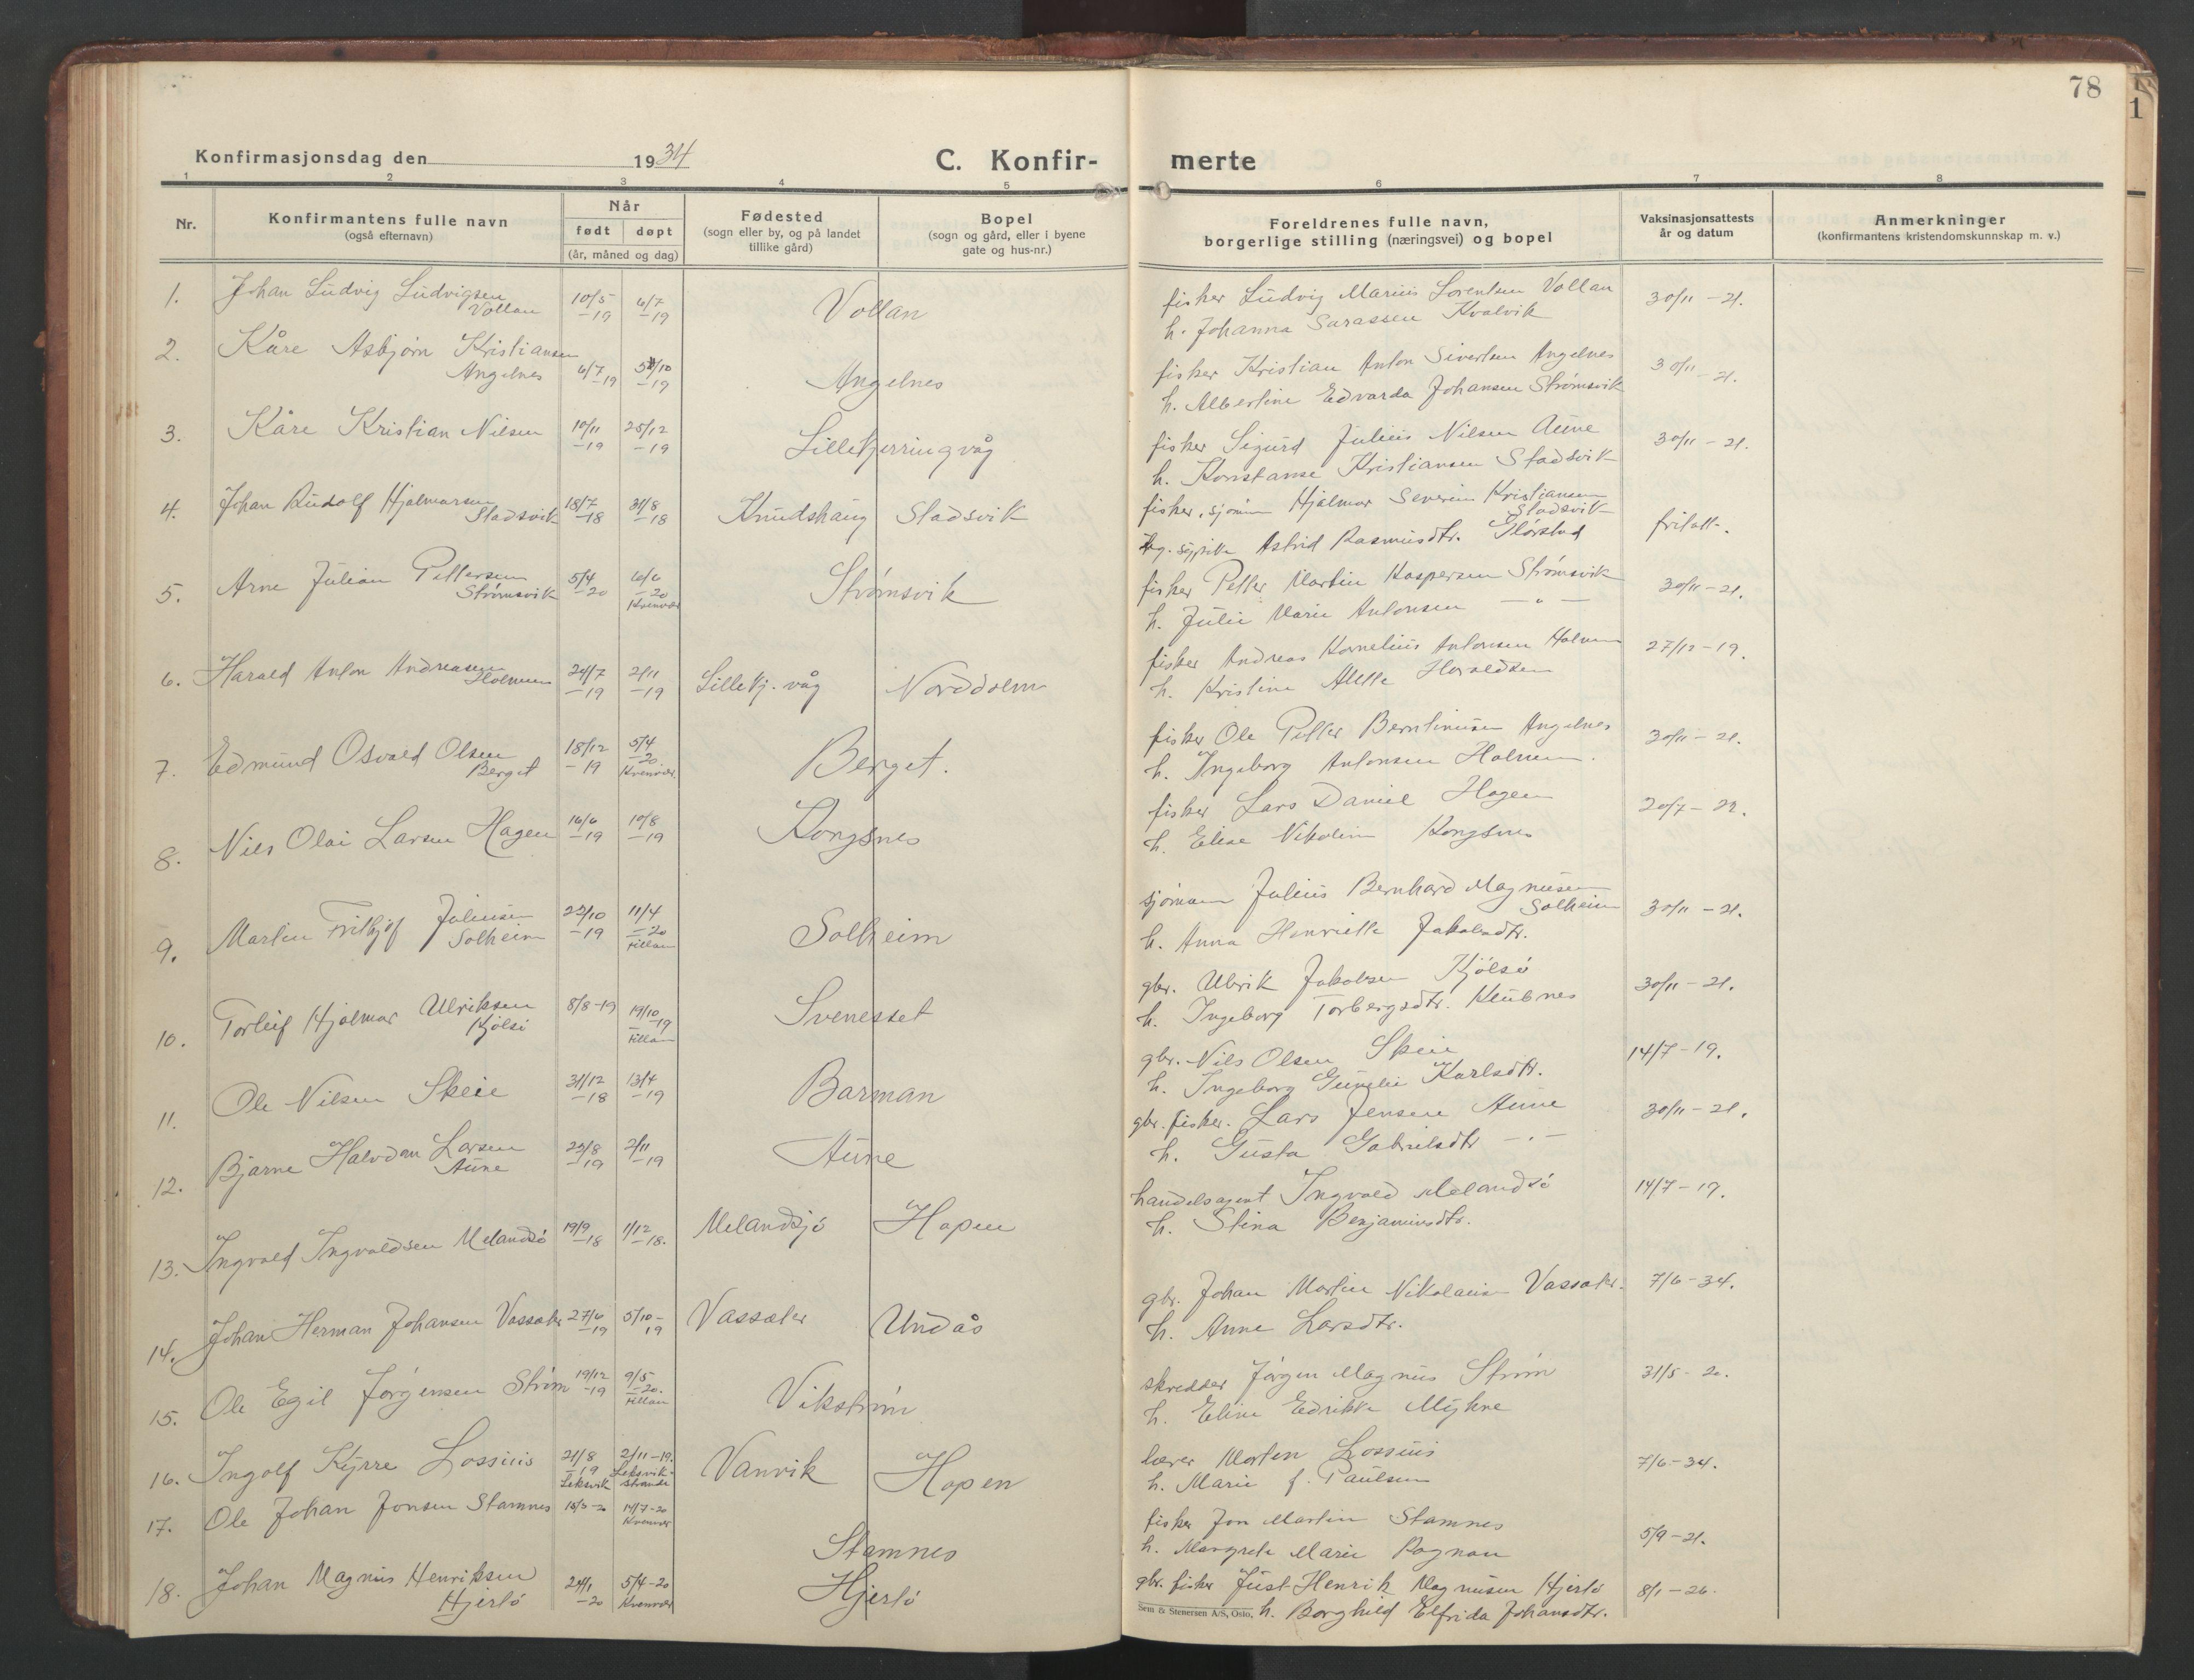 SAT, Ministerialprotokoller, klokkerbøker og fødselsregistre - Sør-Trøndelag, 634/L0544: Klokkerbok nr. 634C06, 1927-1948, s. 78